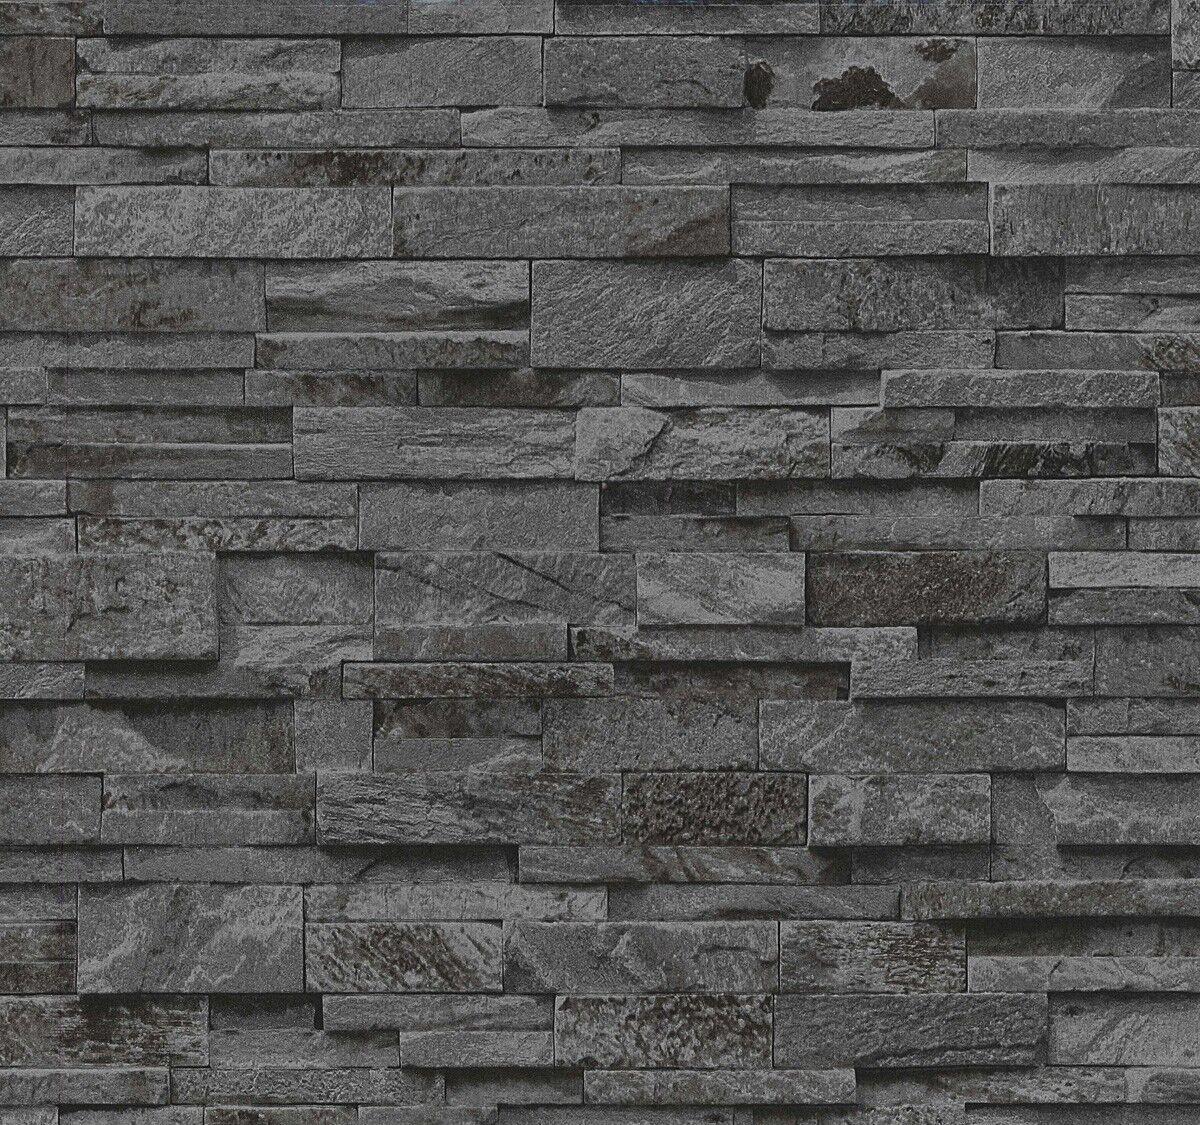 Vliestapete Stein Steine Mauer 3D Optik Schwarz Grau P+S 02363 40 (1